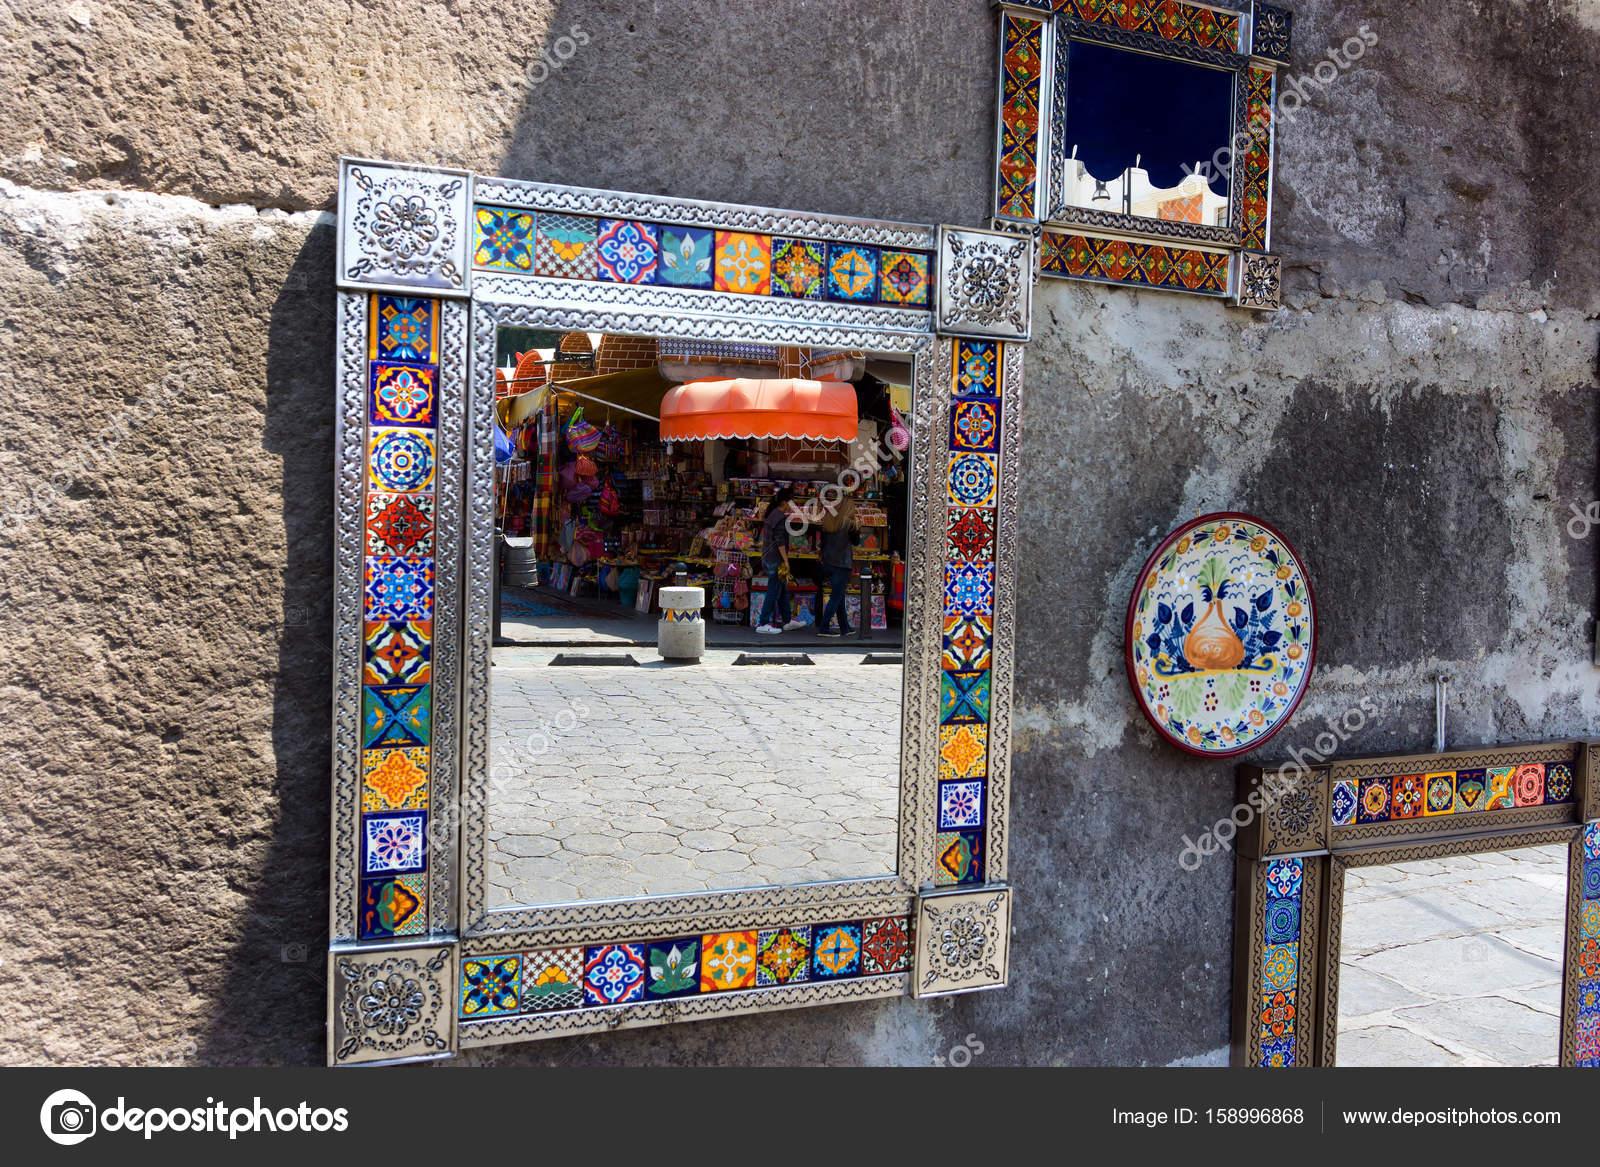 Dekorative Spiegel Zum Verkauf In Mexiko Redaktionelles Stockfoto